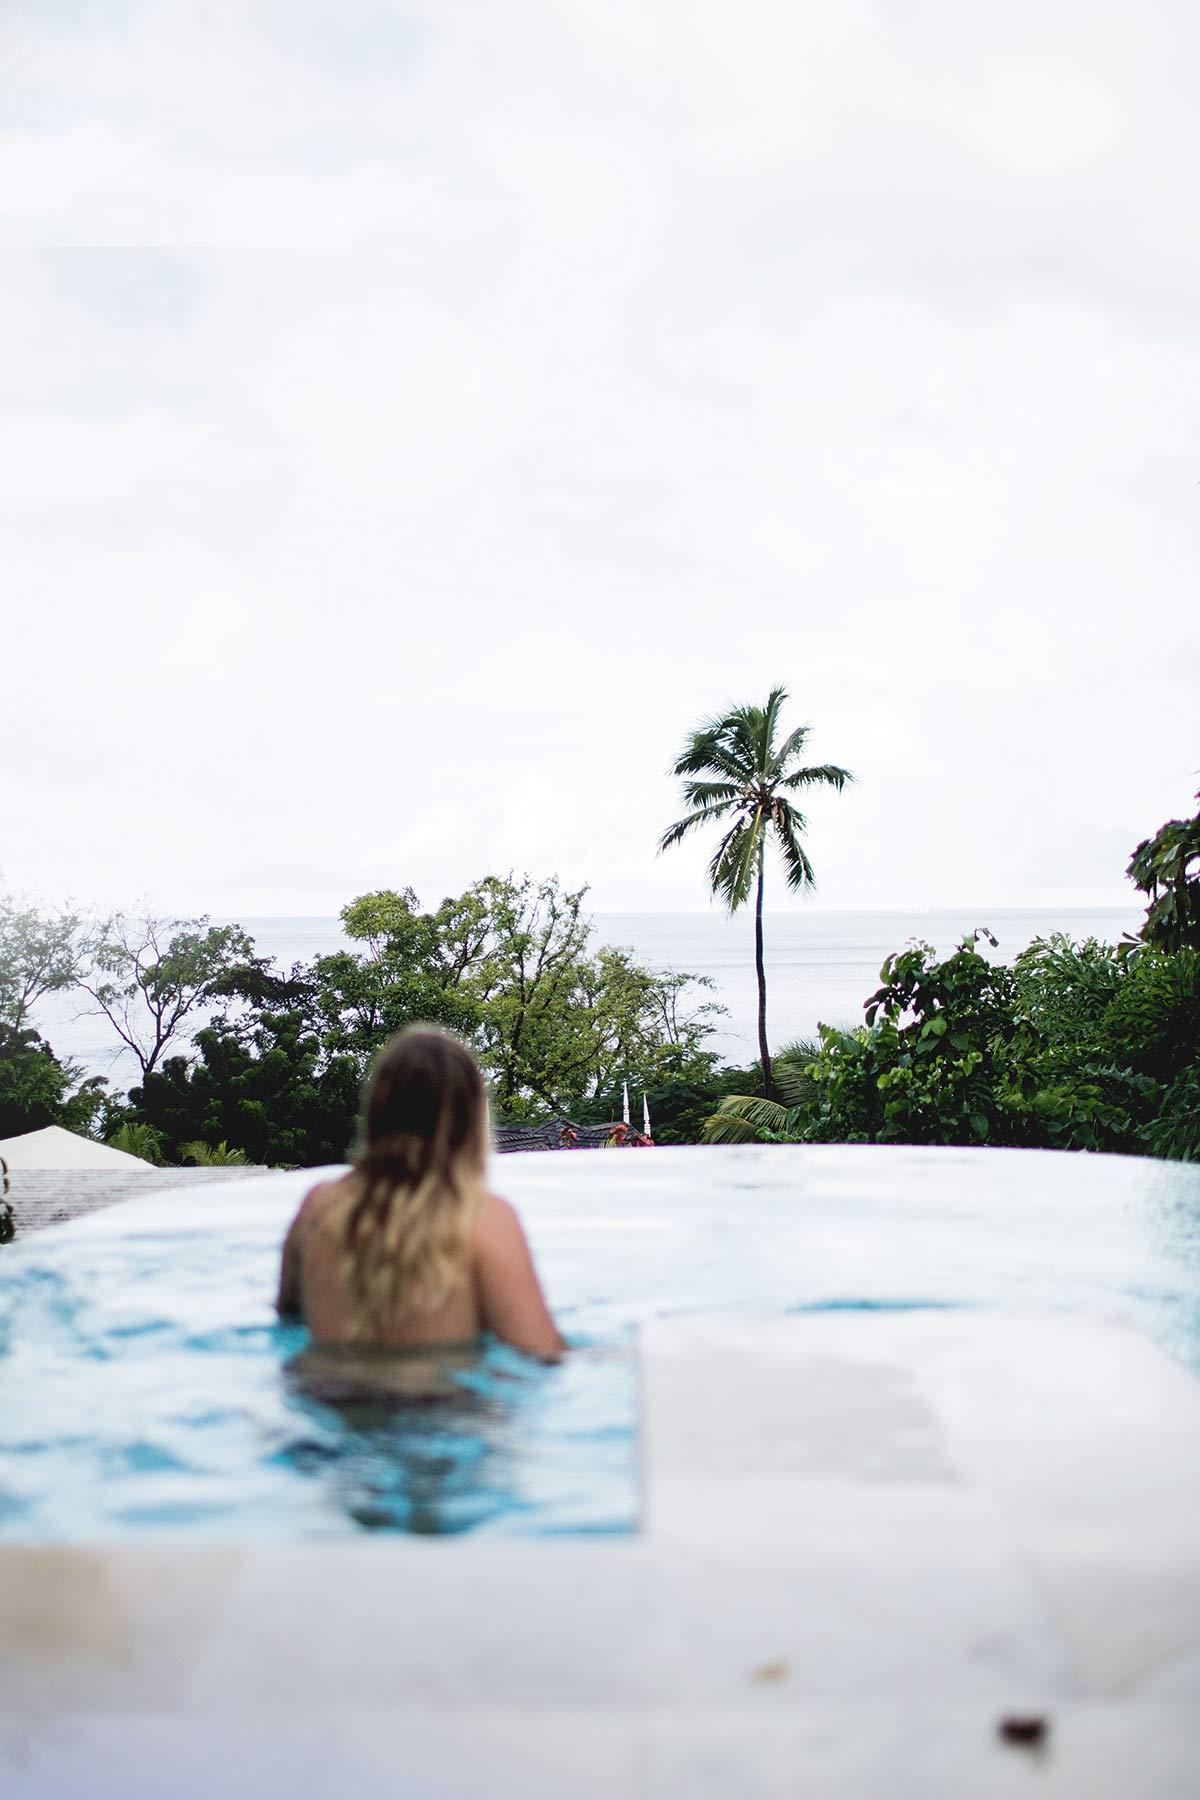 St. Lucia Sehenswürdigkeiten